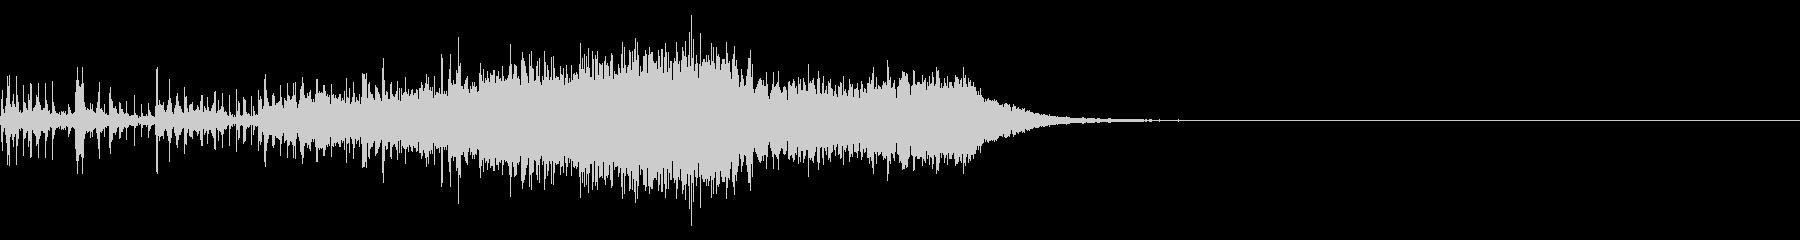 スパーク音-31の未再生の波形